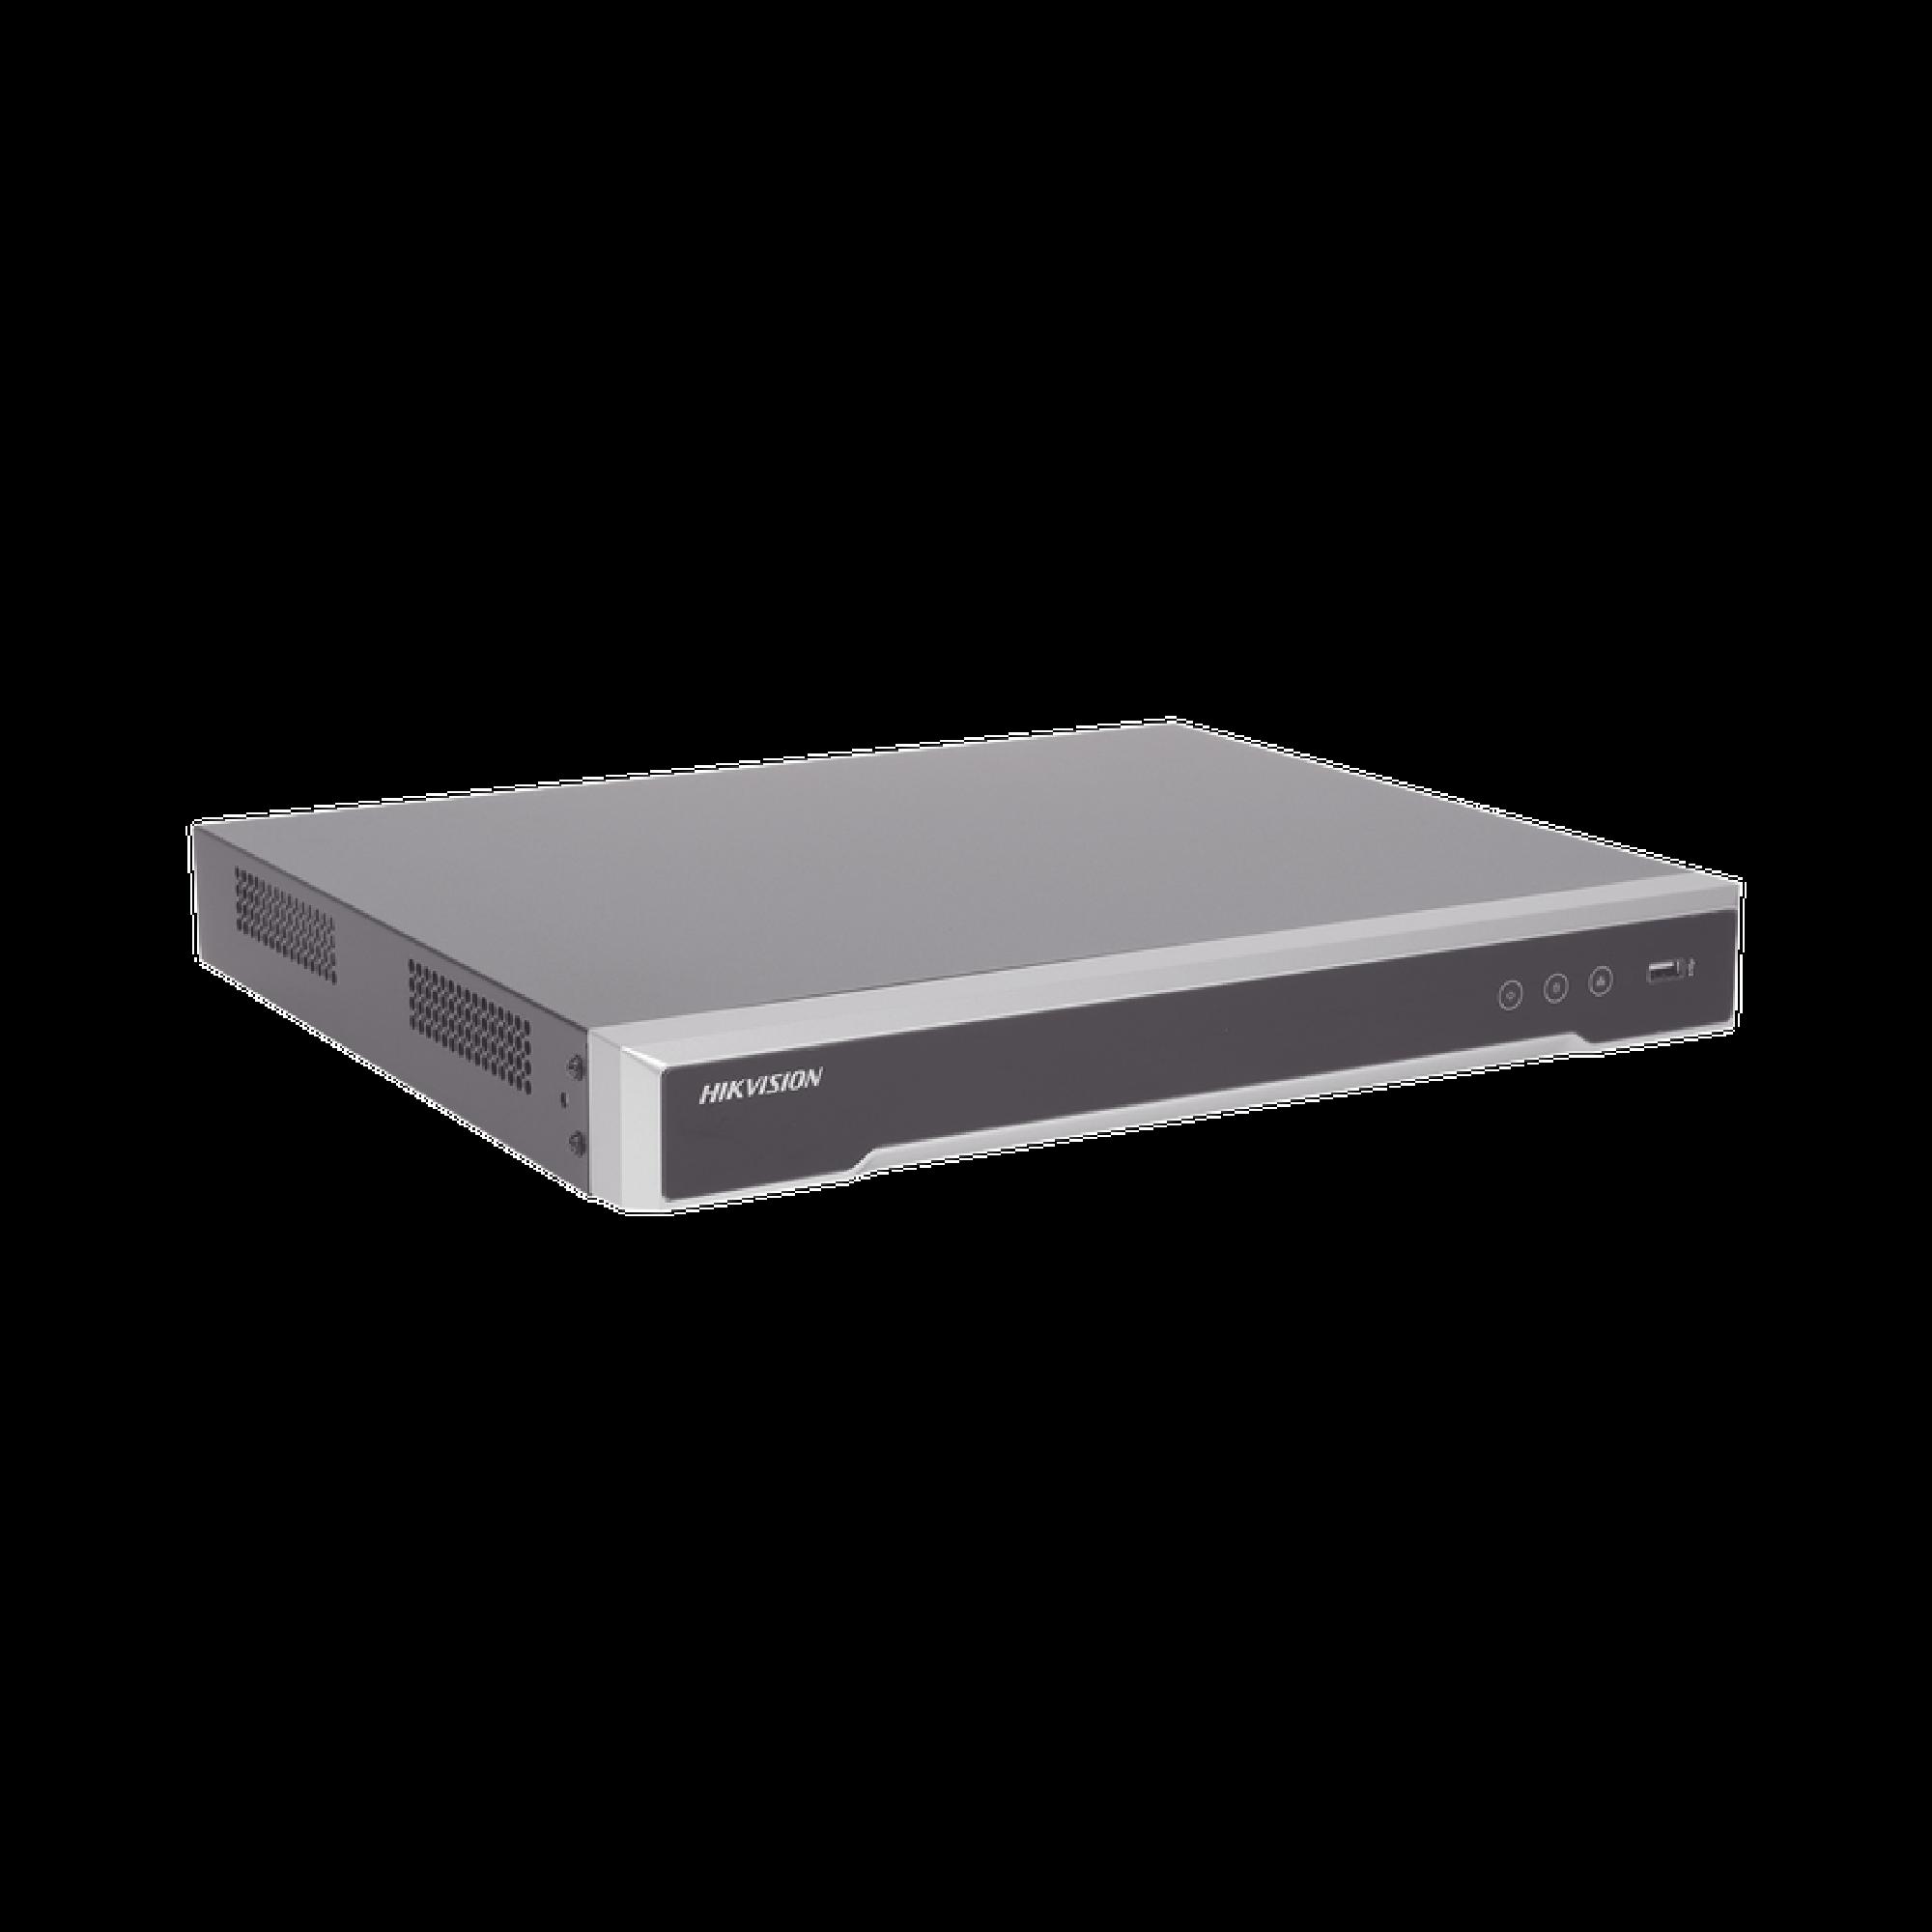 NVR 12 Megapixel (4K) / 8 canales IP / 8 Puertos PoE+ / 2 Bahias de Disco Duro / Switch PoE 300 mts / HDMI en 4K / Soporta POS